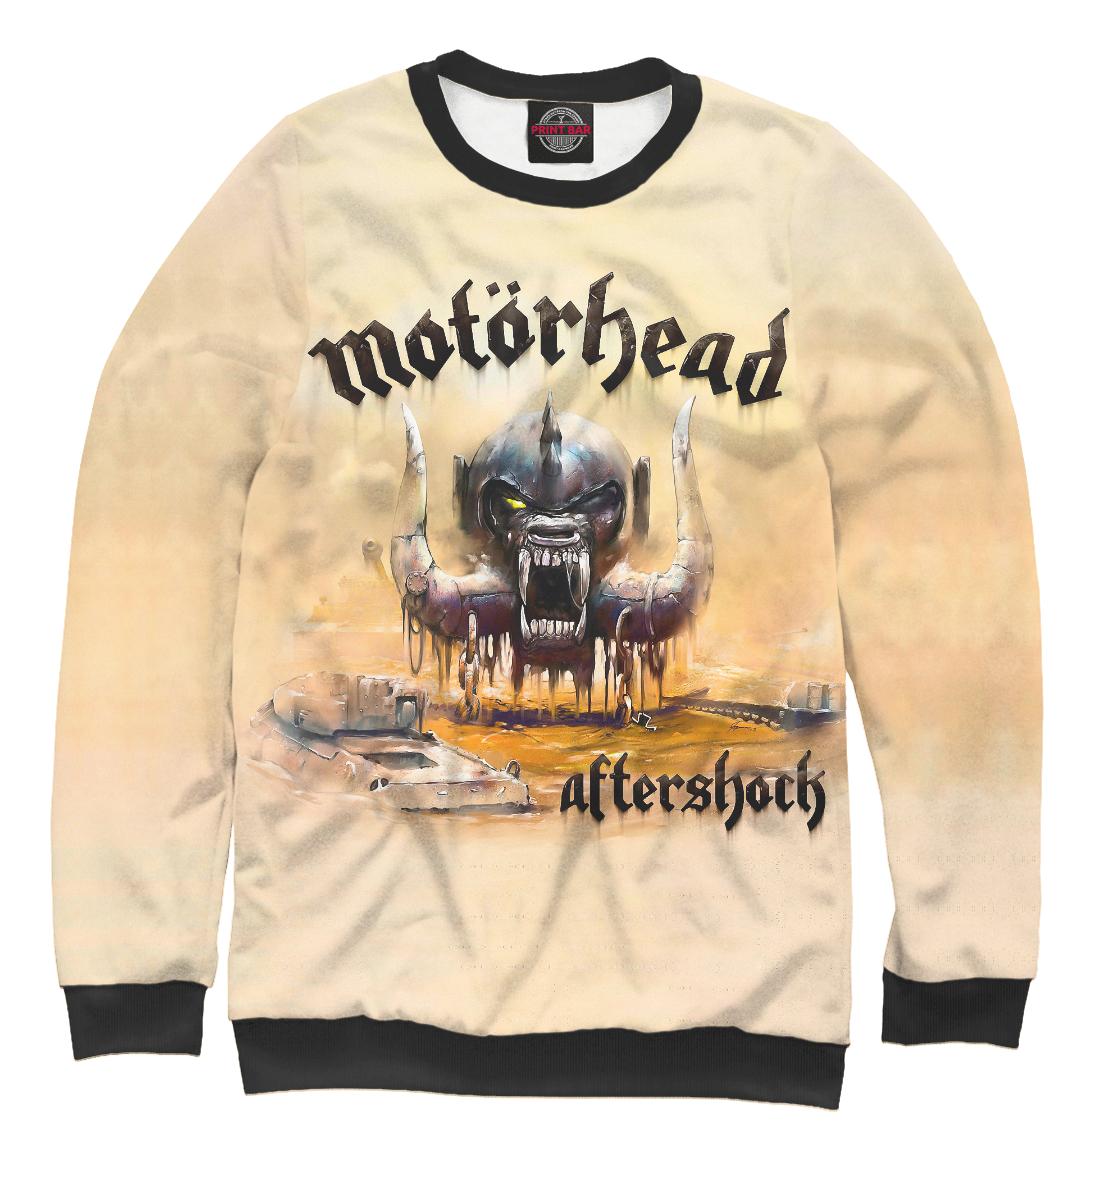 Купить Motorhead Aftershock, Printbar, Свитшоты, MOT-194324-swi-2